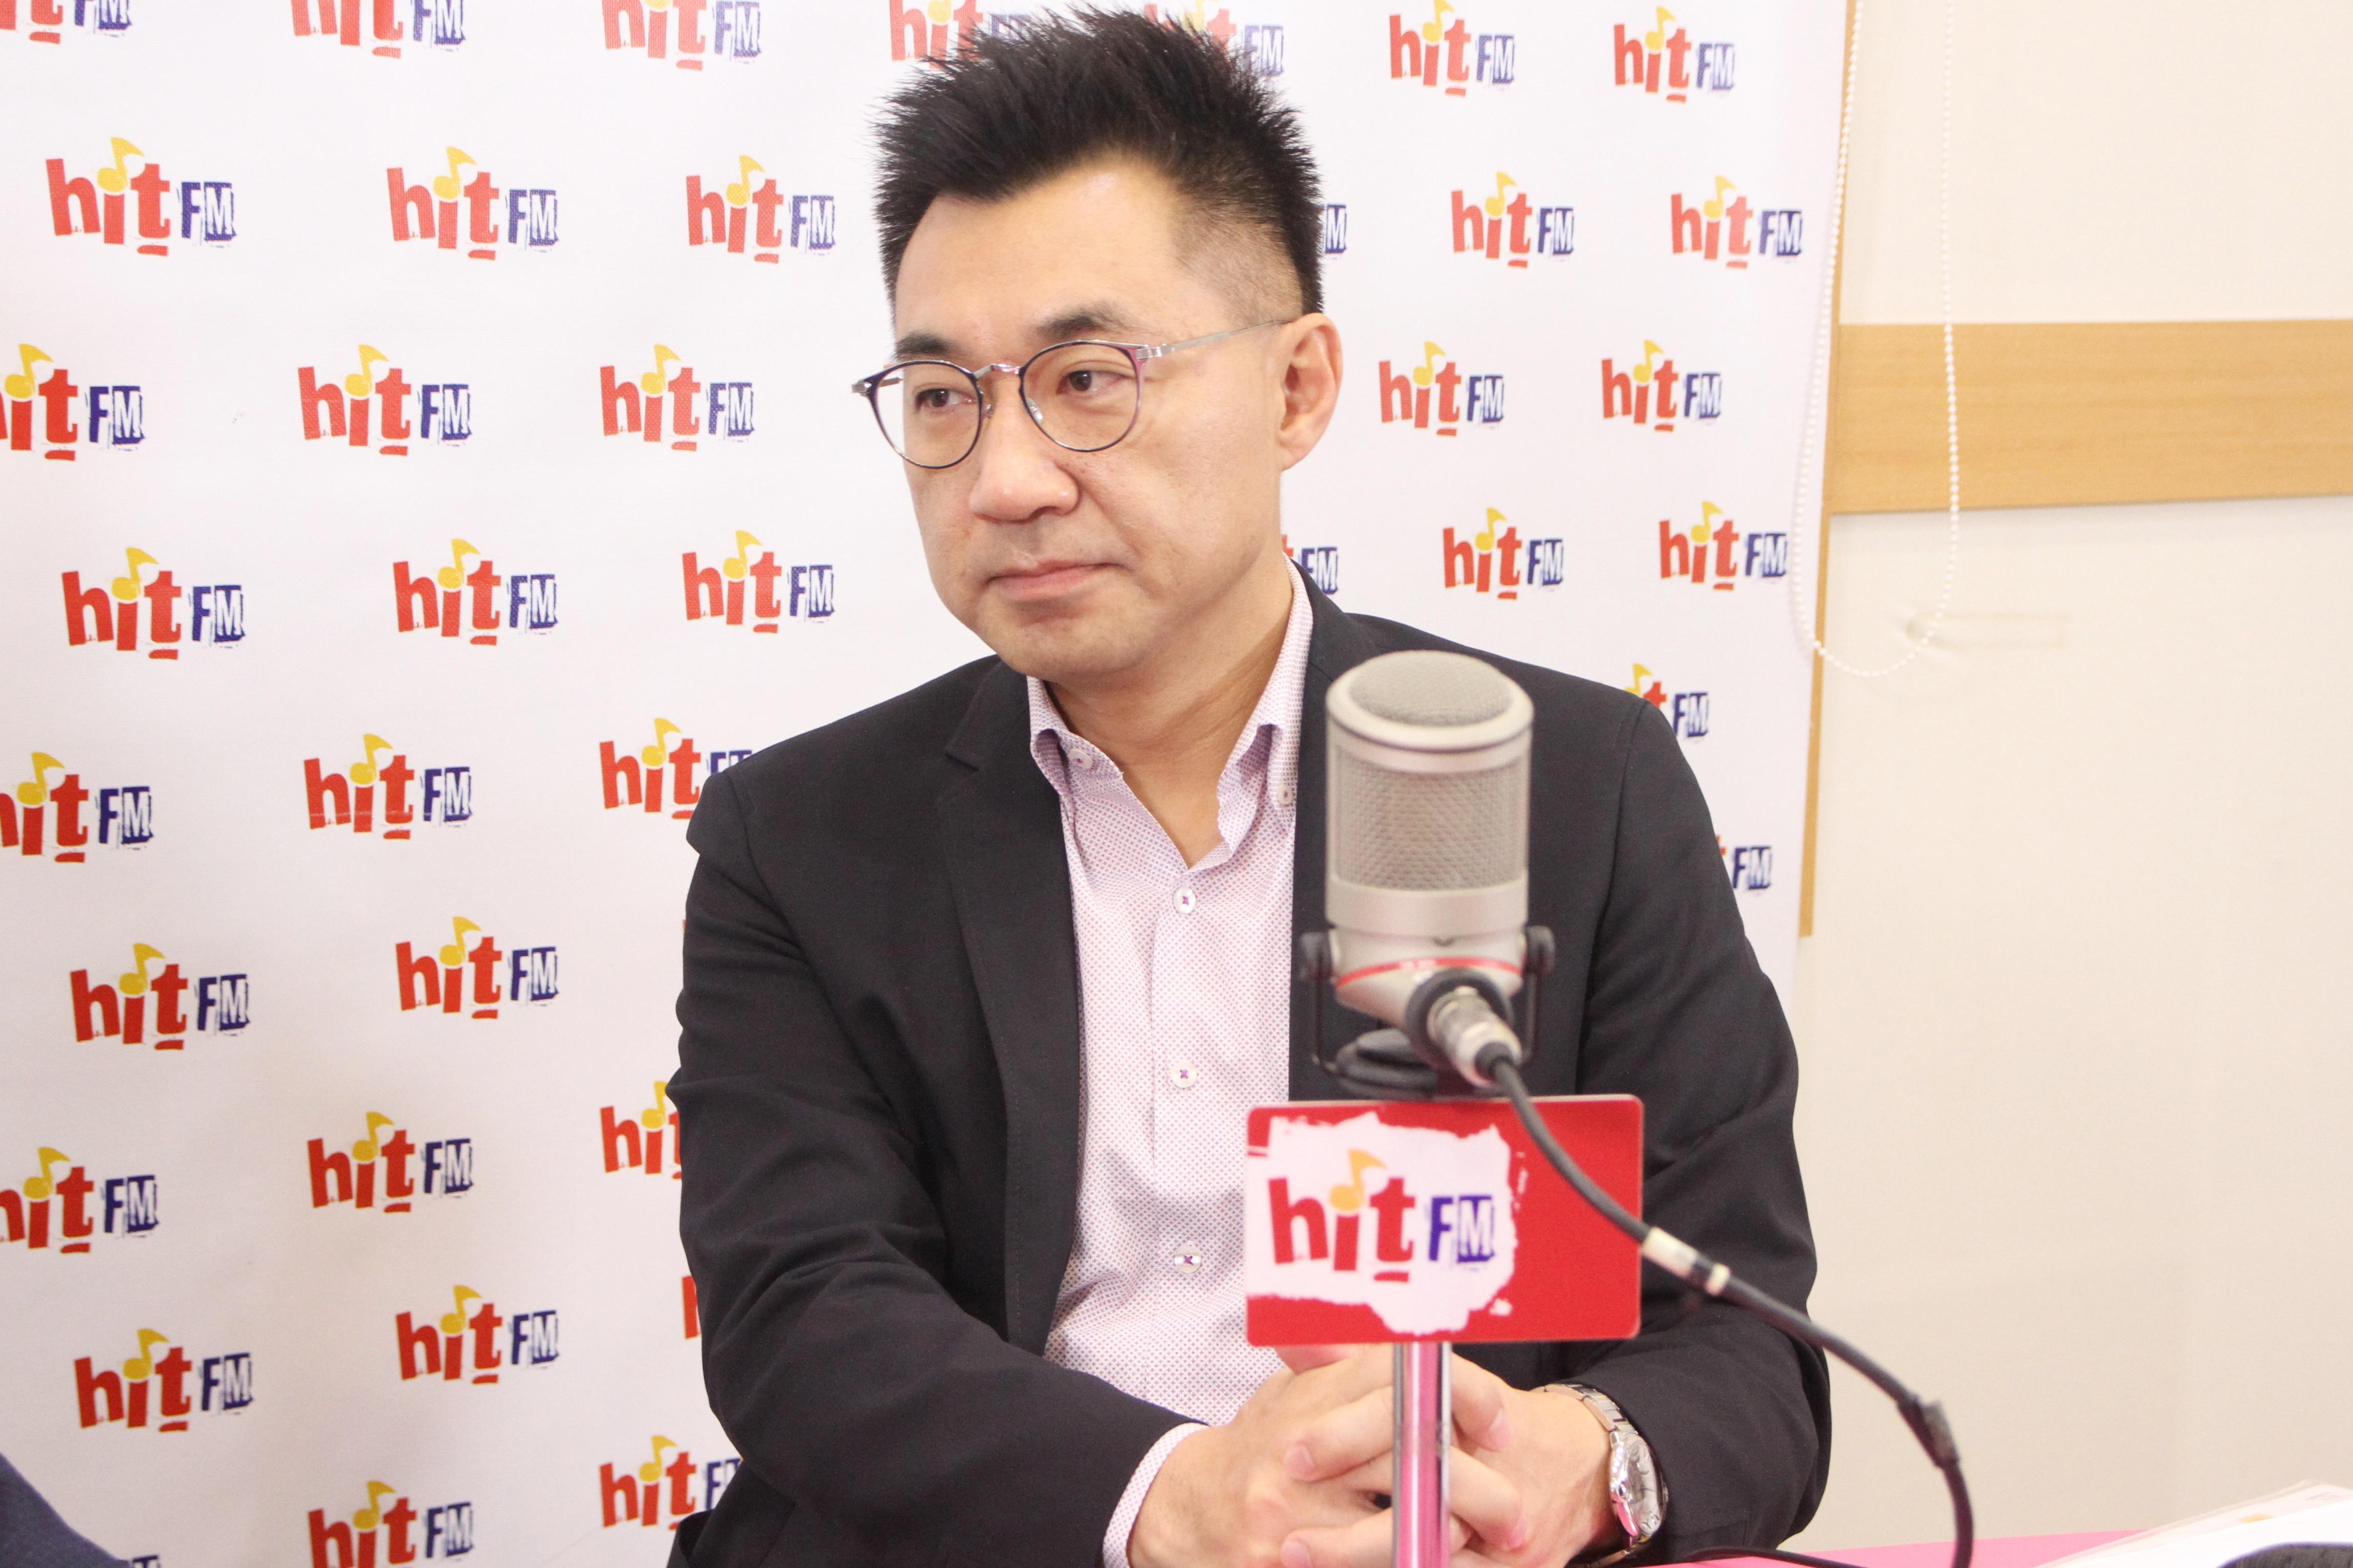 Hit Fm《羅友志嗆新聞》製作單位提供 點名吳斯懷「負面聲量高」 江啟臣:恐把國民黨帶歪